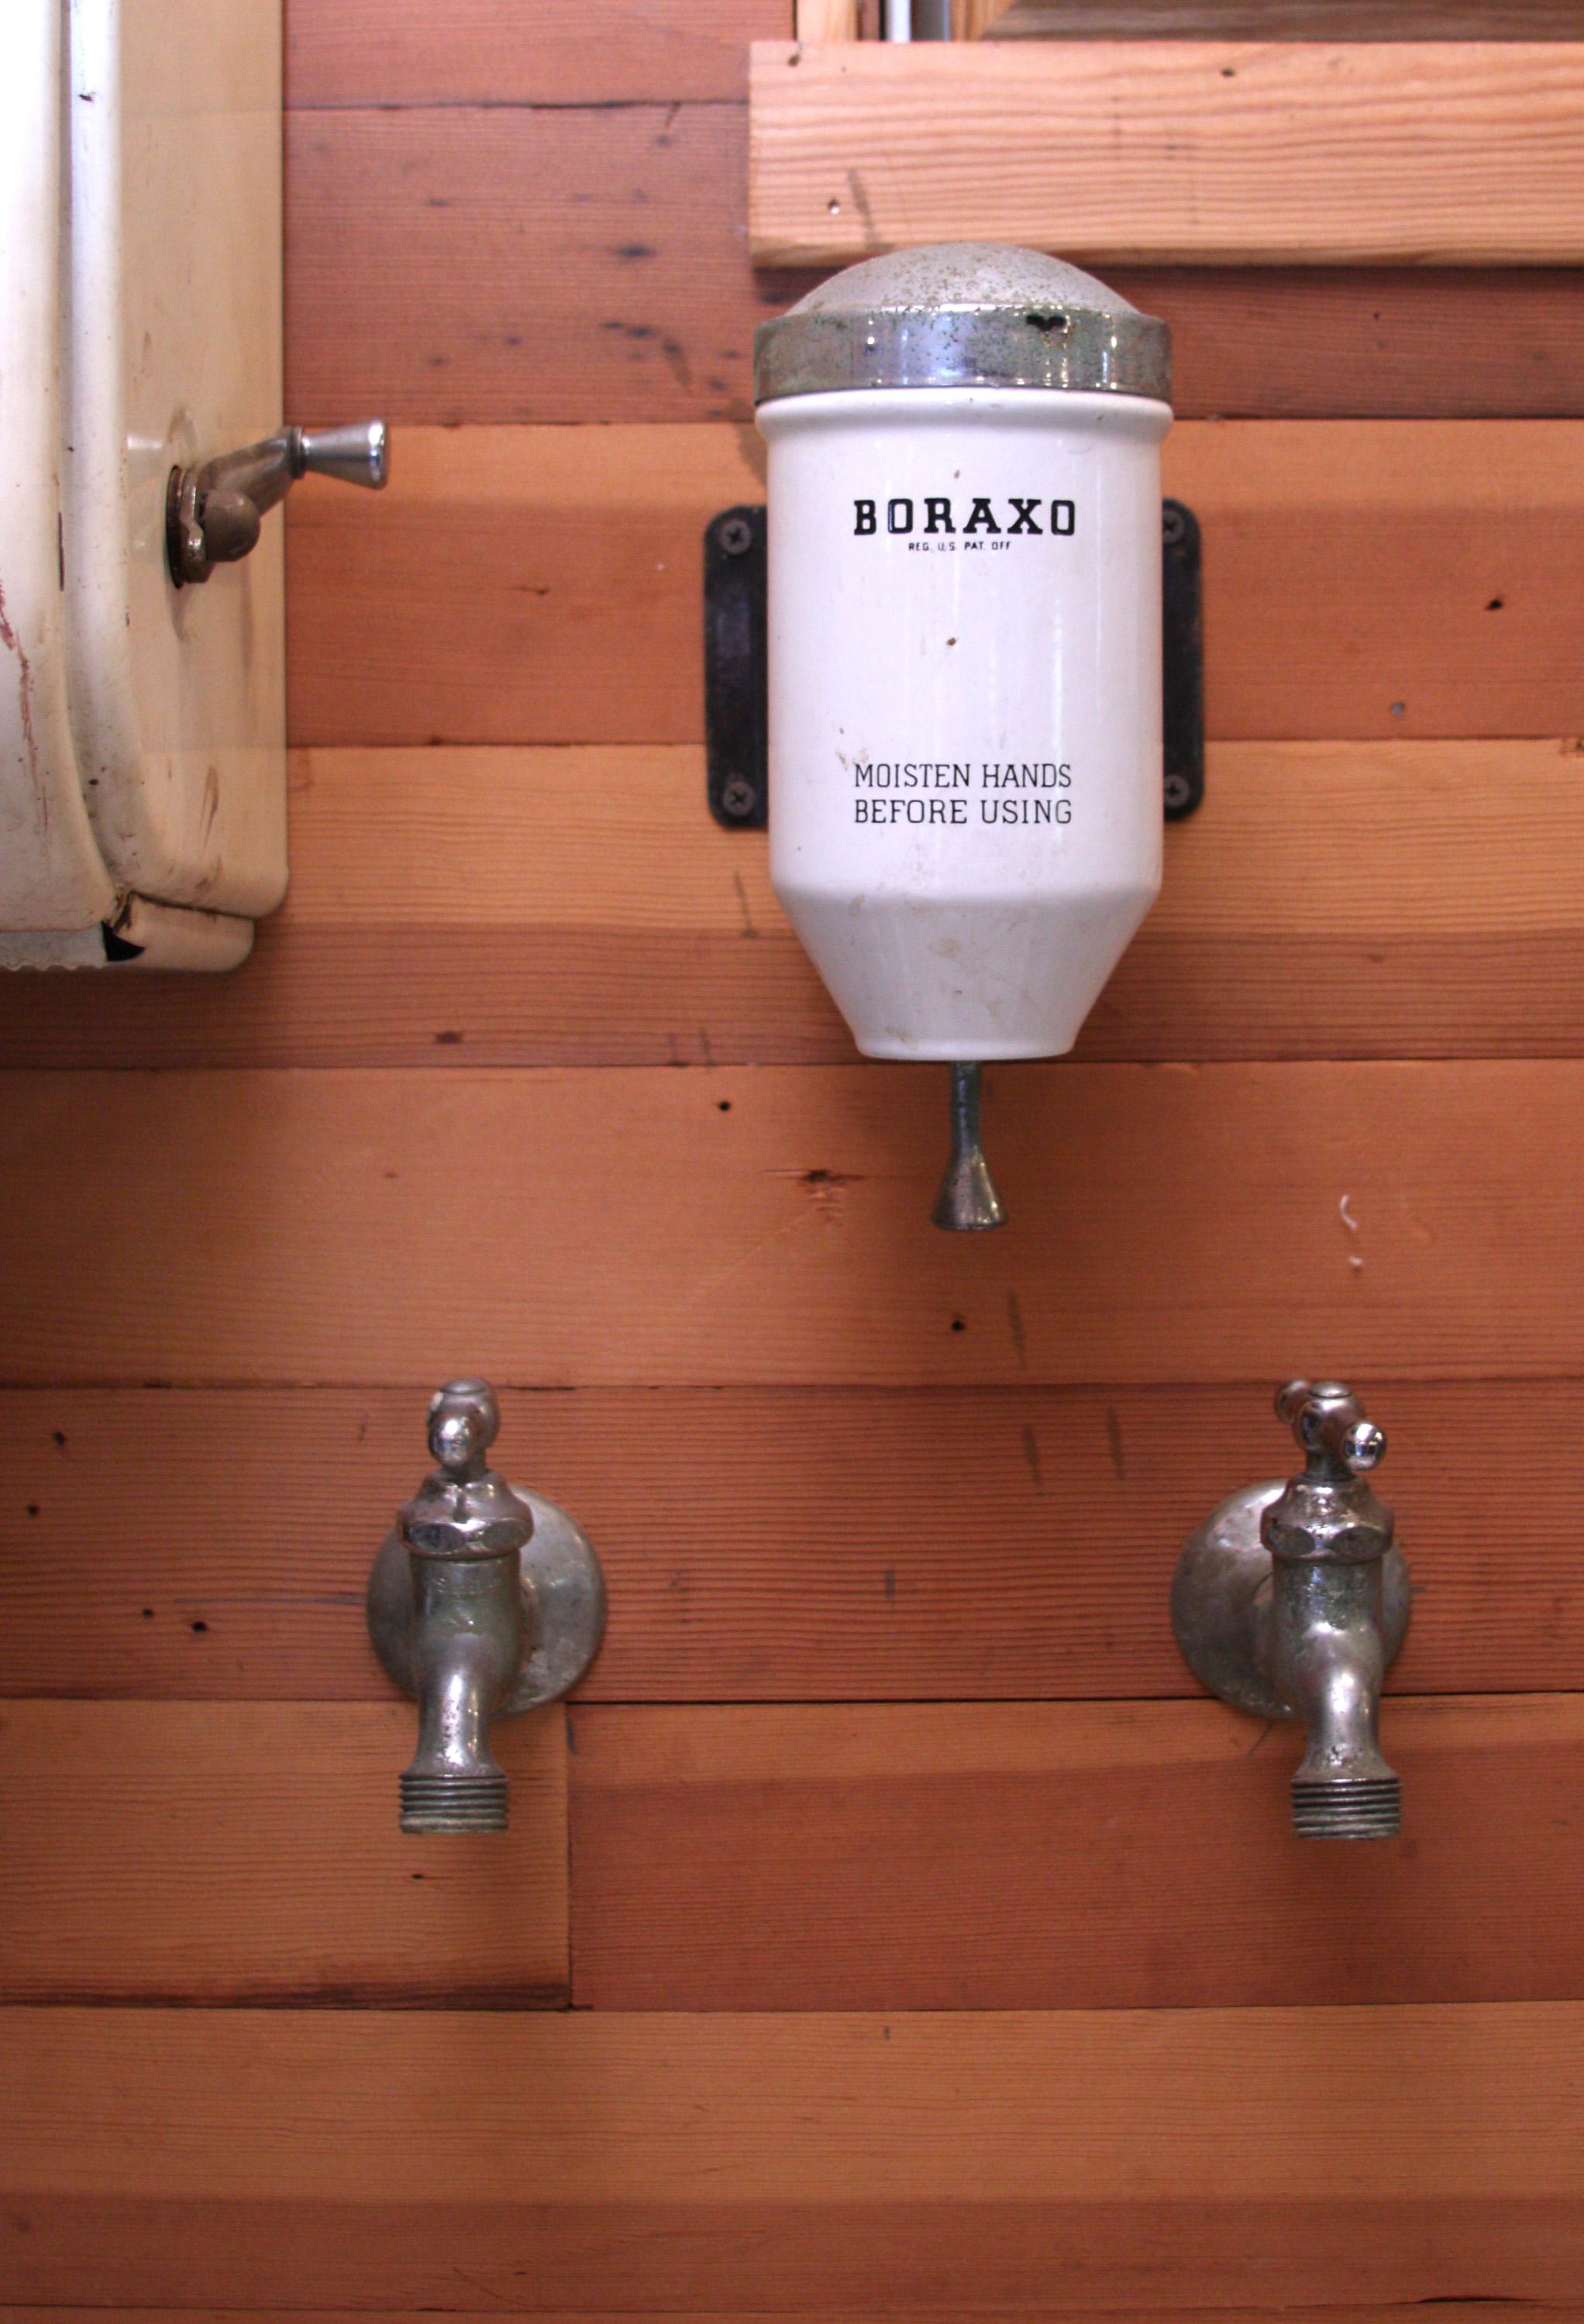 Disney Soap Dispenser In Hotel Rooms